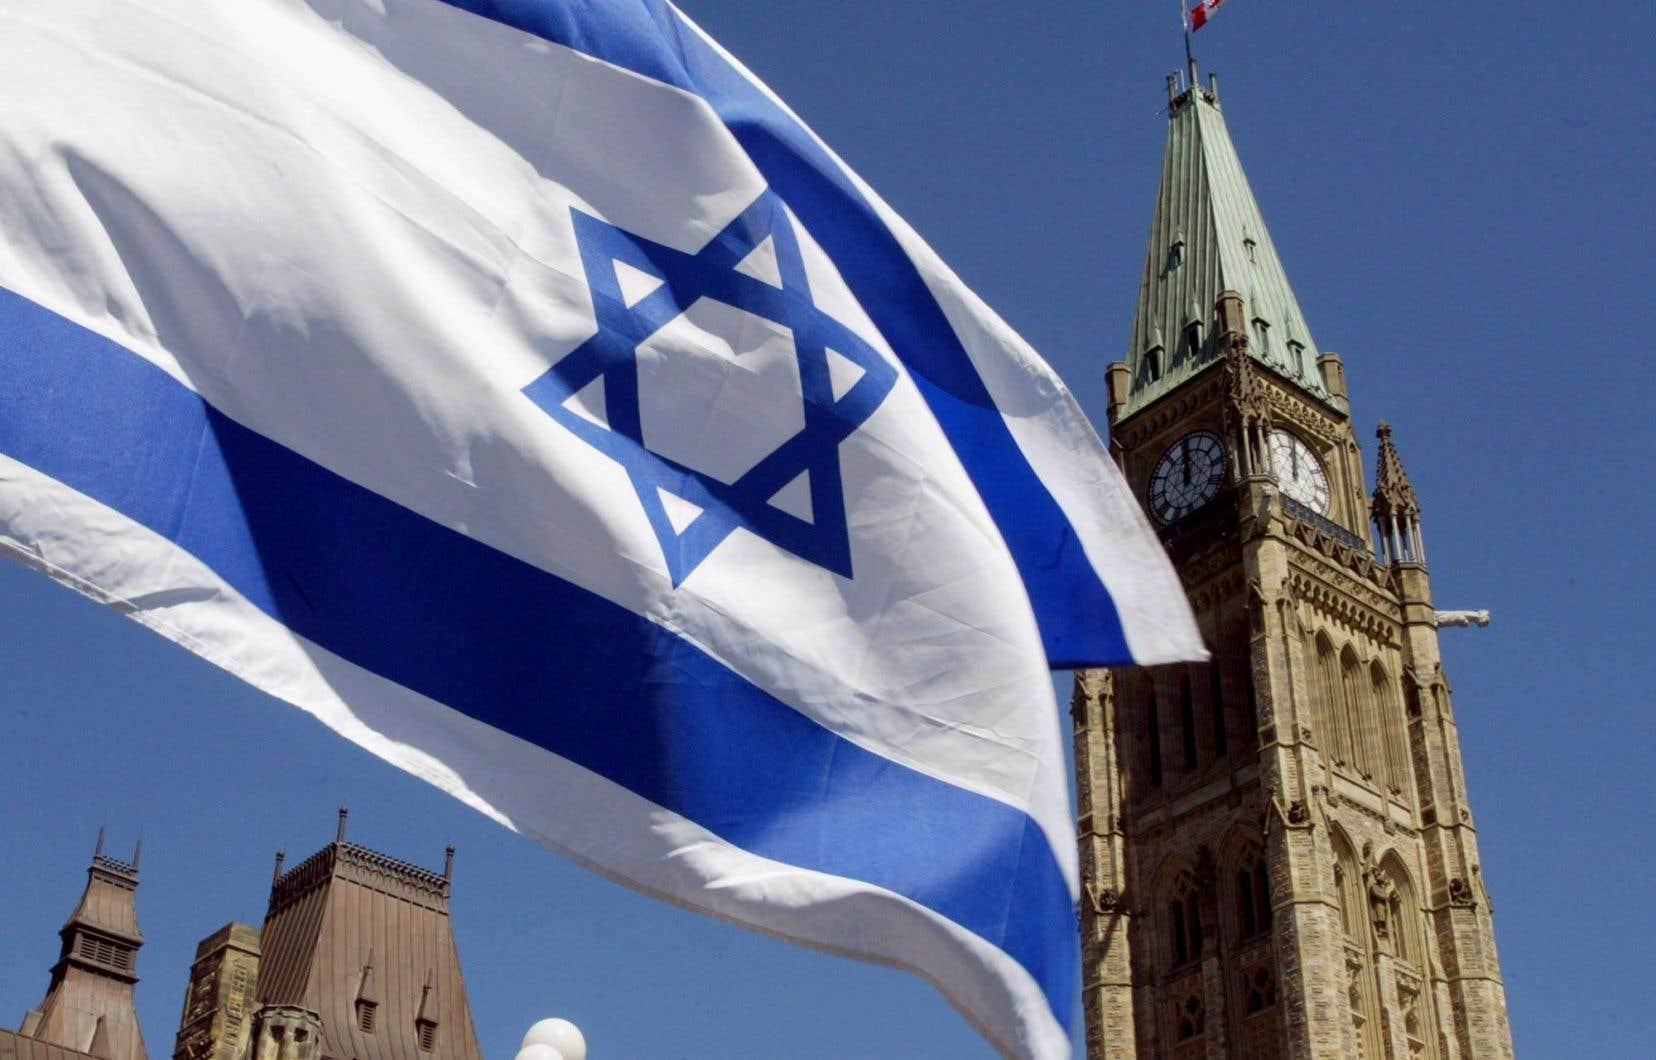 Selon l'auteur, le mois de juin fut décourageant pour une grande majorité de Juifs canadiens alors qu'une vague d'incidents antisémites au pays a suivi le conflit tragique au Moyen-Orient entre Israël et la Palestine.